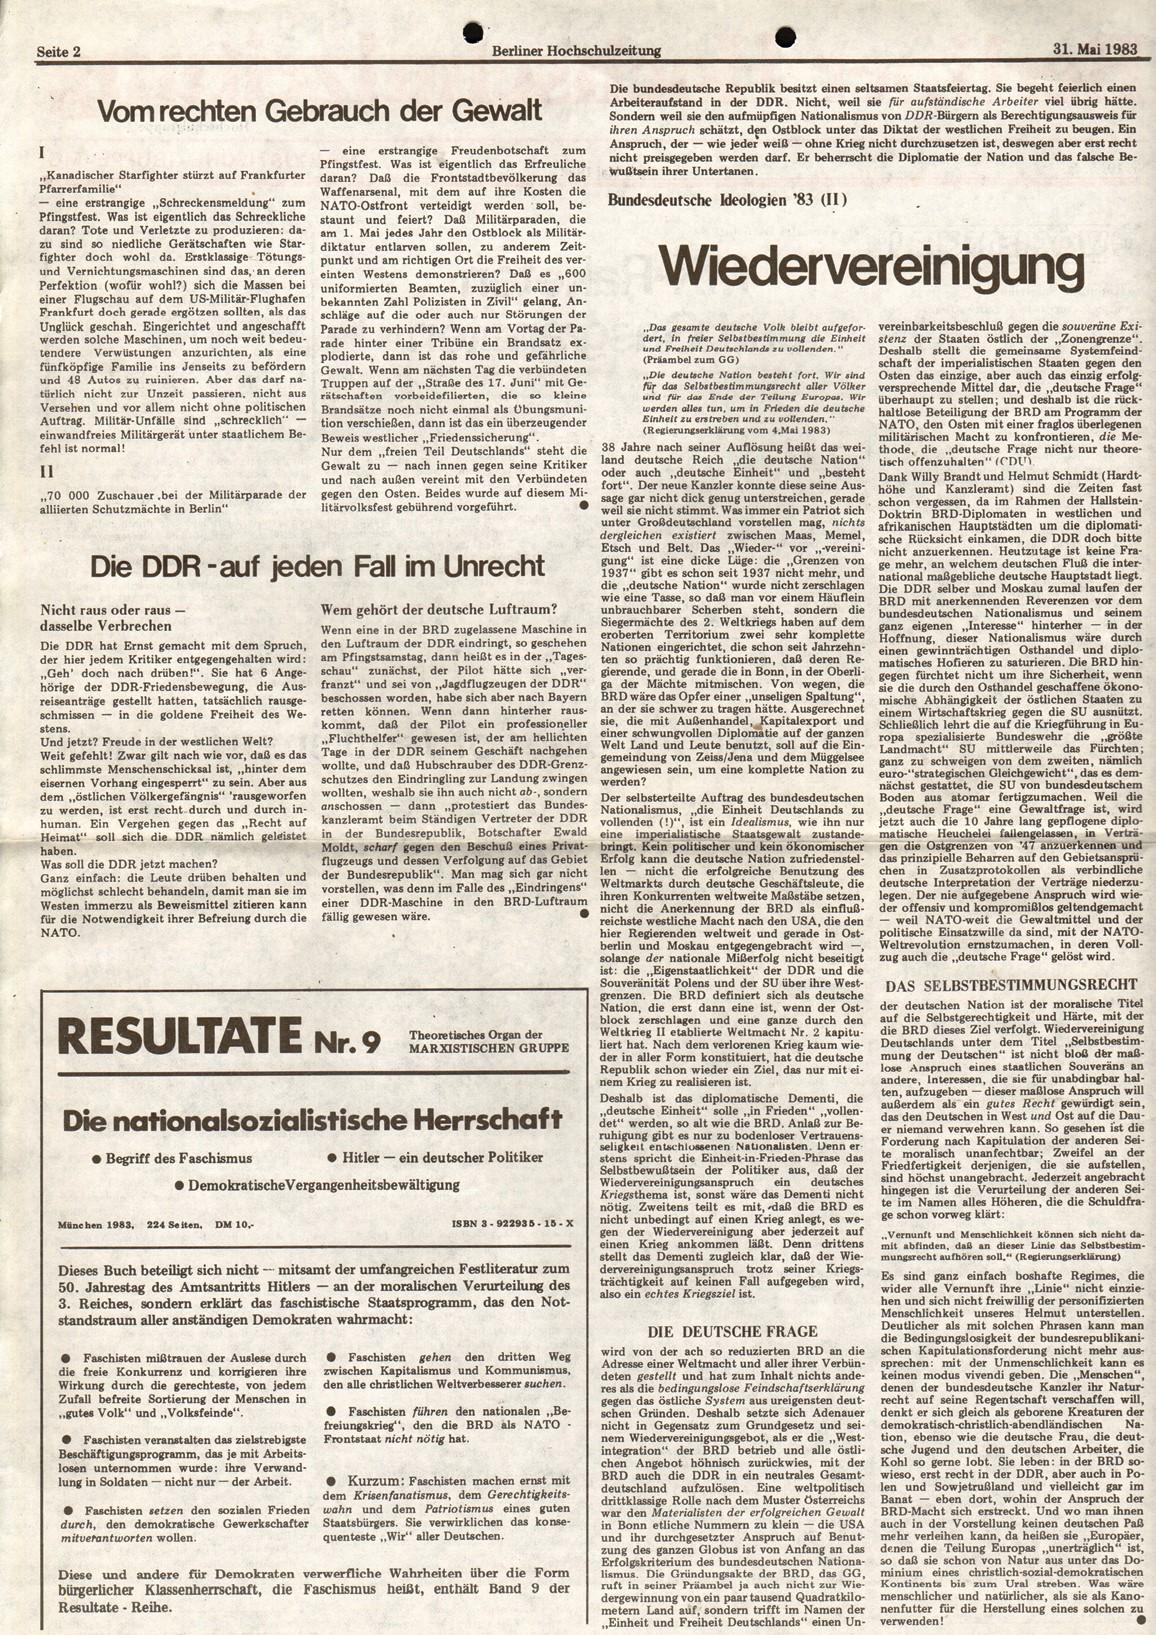 Berlin_MG_Hochschulzeitung_19830531_02